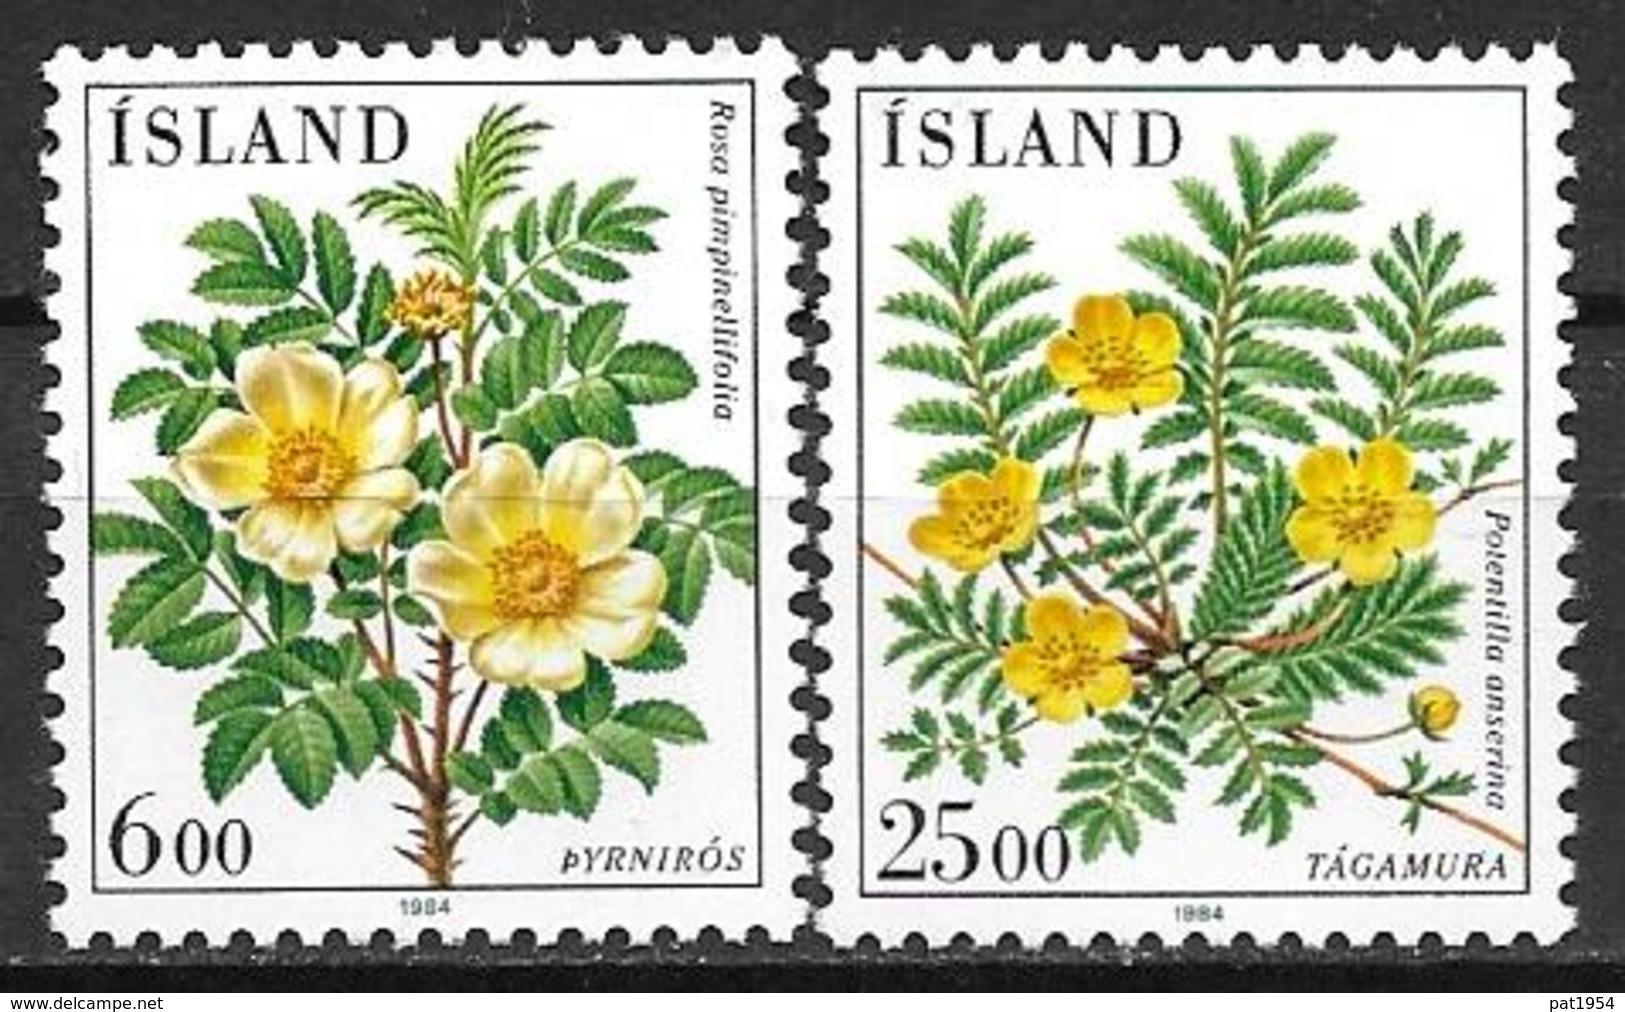 Islande 1984 N° 565/566 Neufs Fleurs - Nuovi